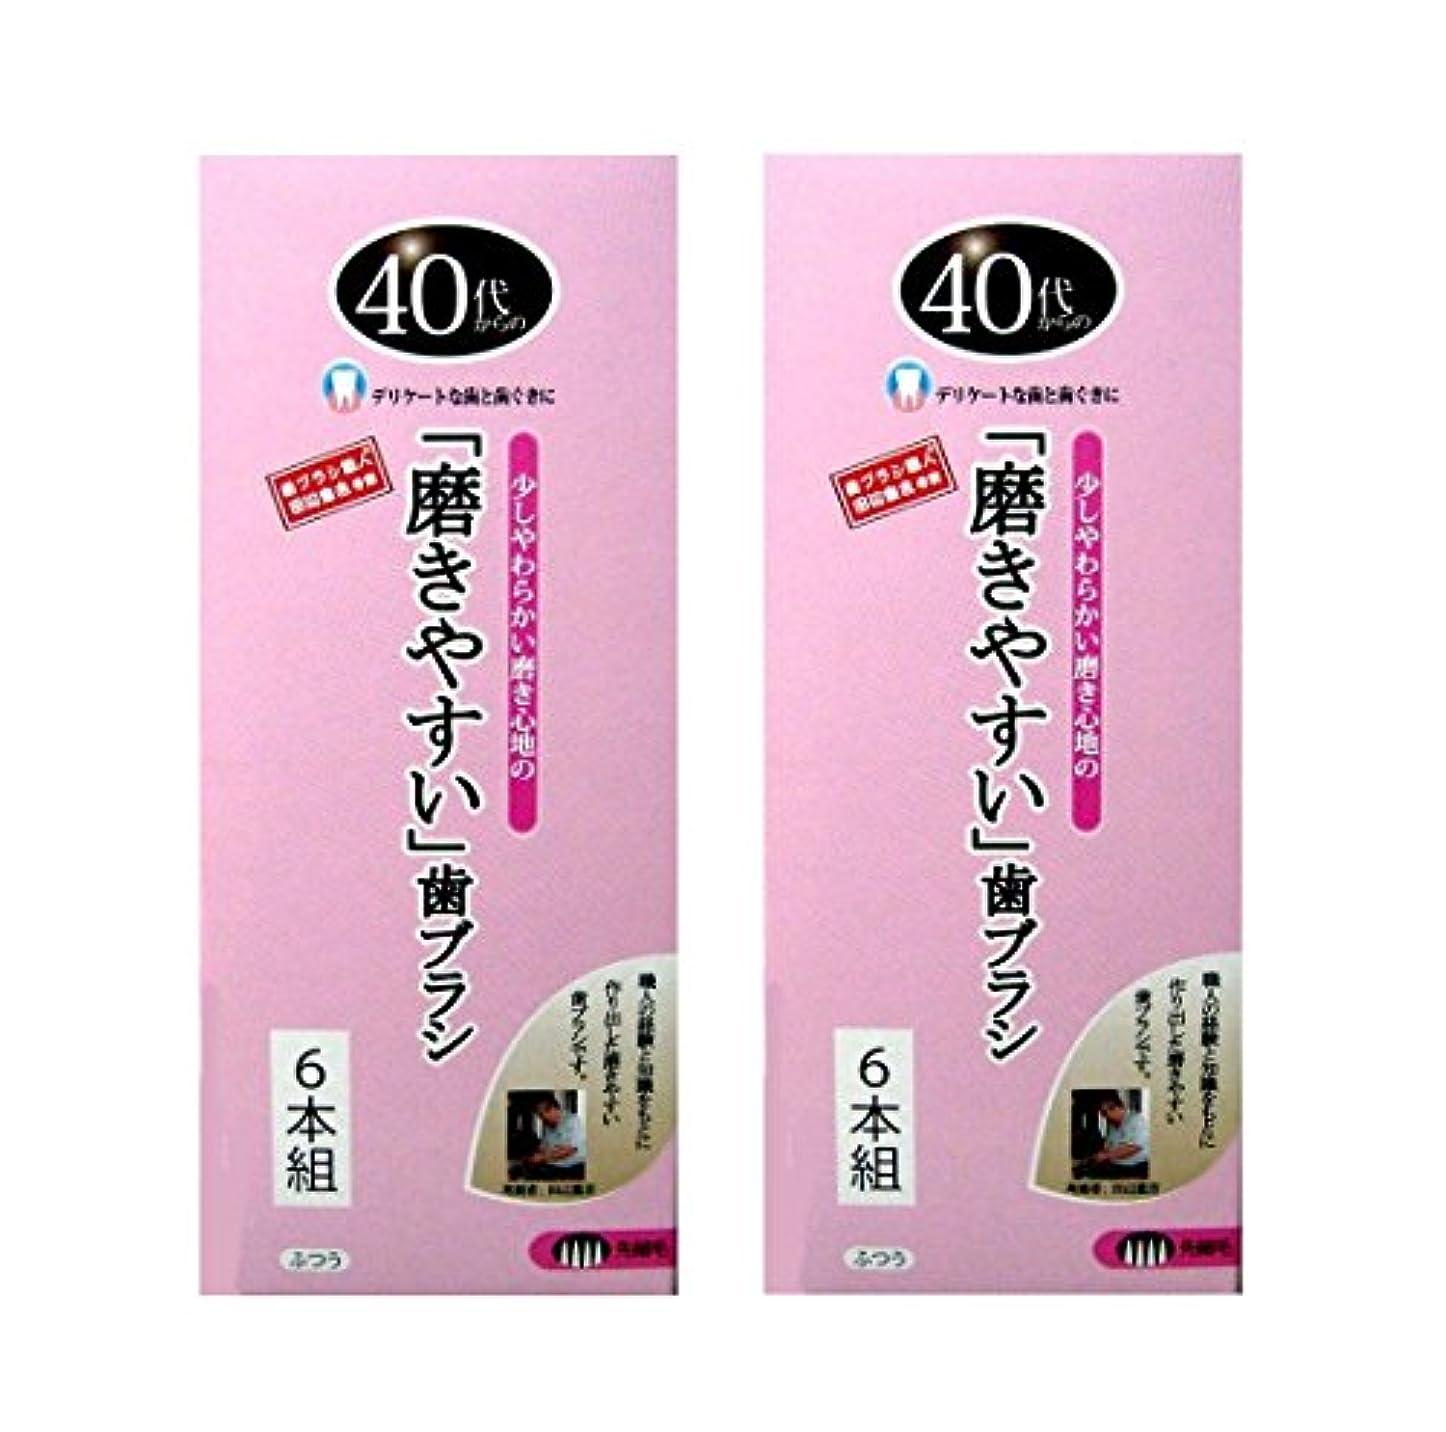 重量ソケット馬鹿げた歯ブラシ職人 田辺重吉考案 40代からの磨きやすい歯ブラシ 先細 6本組×2個セット